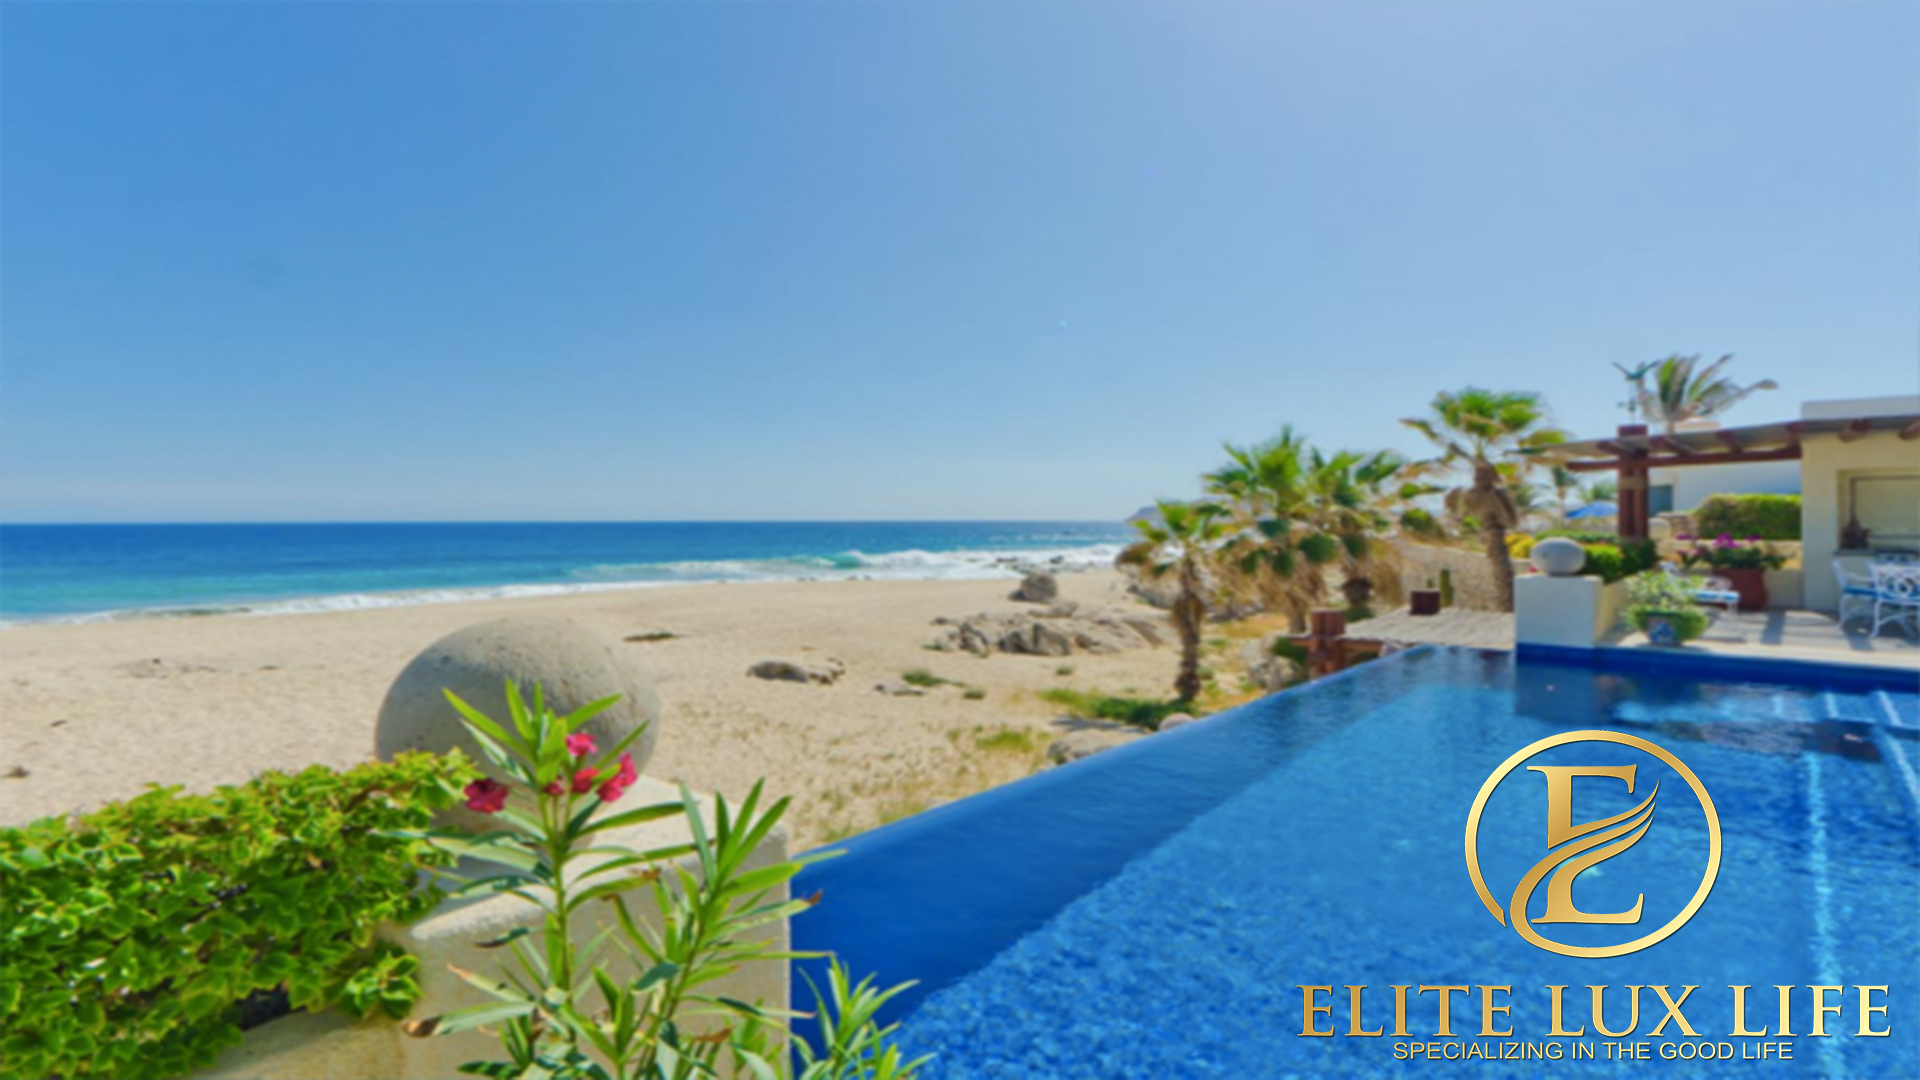 Elite Villa de la Playa 4